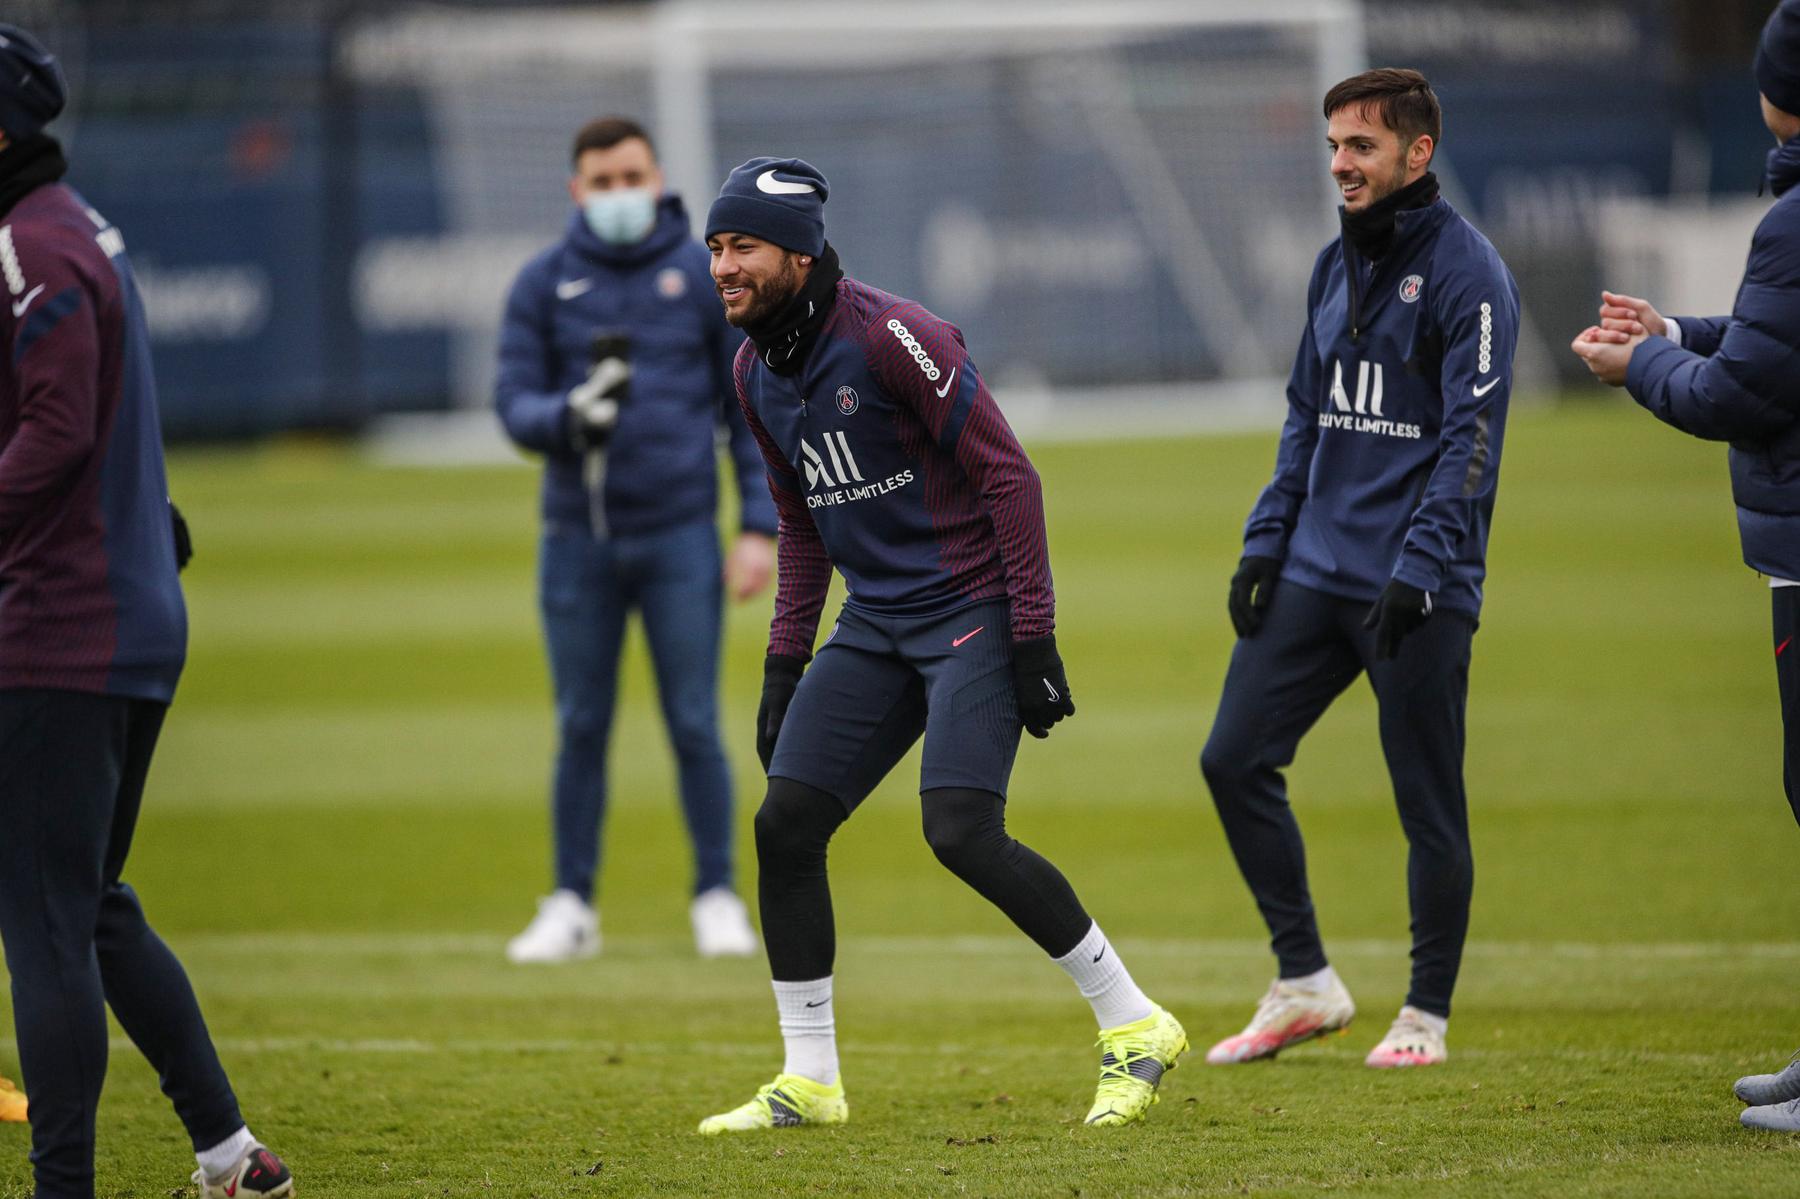 时隔1个月,内马尔重归巴黎圣日耳曼球队合练插图